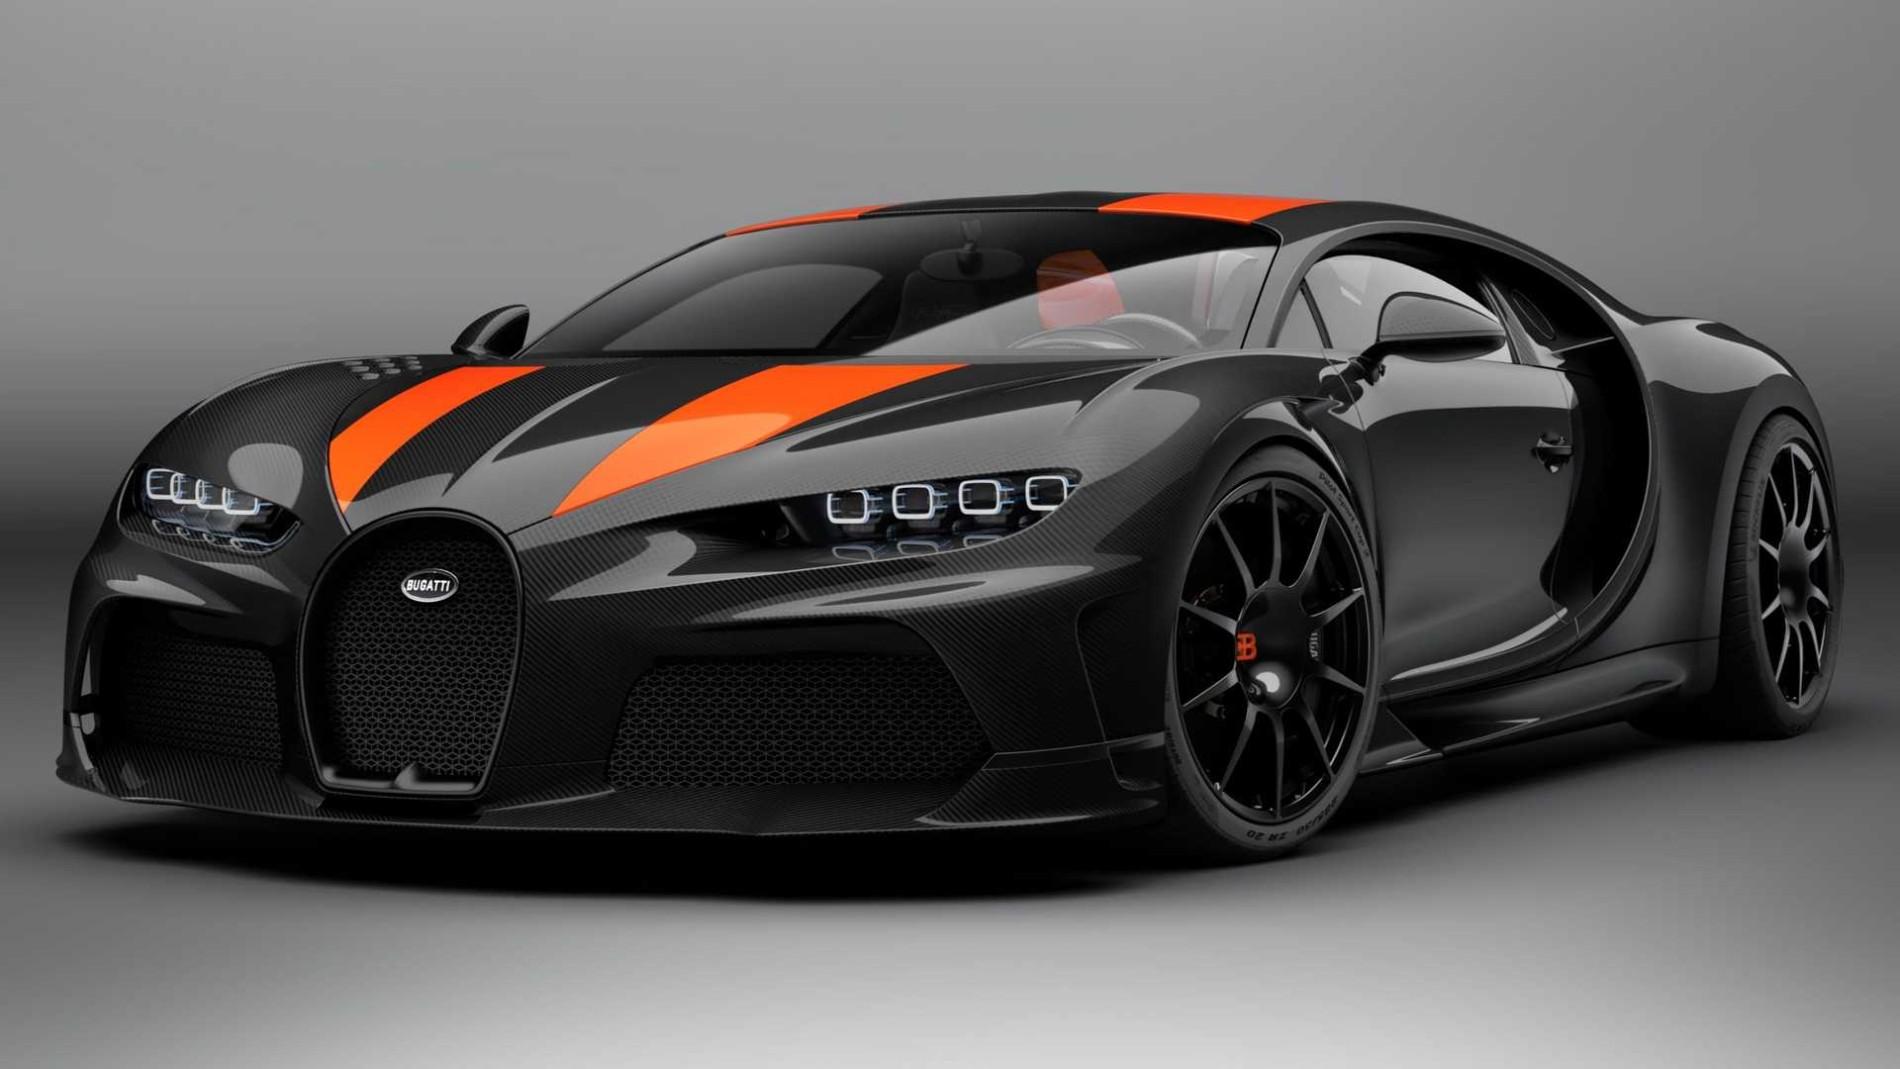 Bugatti Chiron Super Sport 300+ - Bugatti Chiron Super Sport 300+